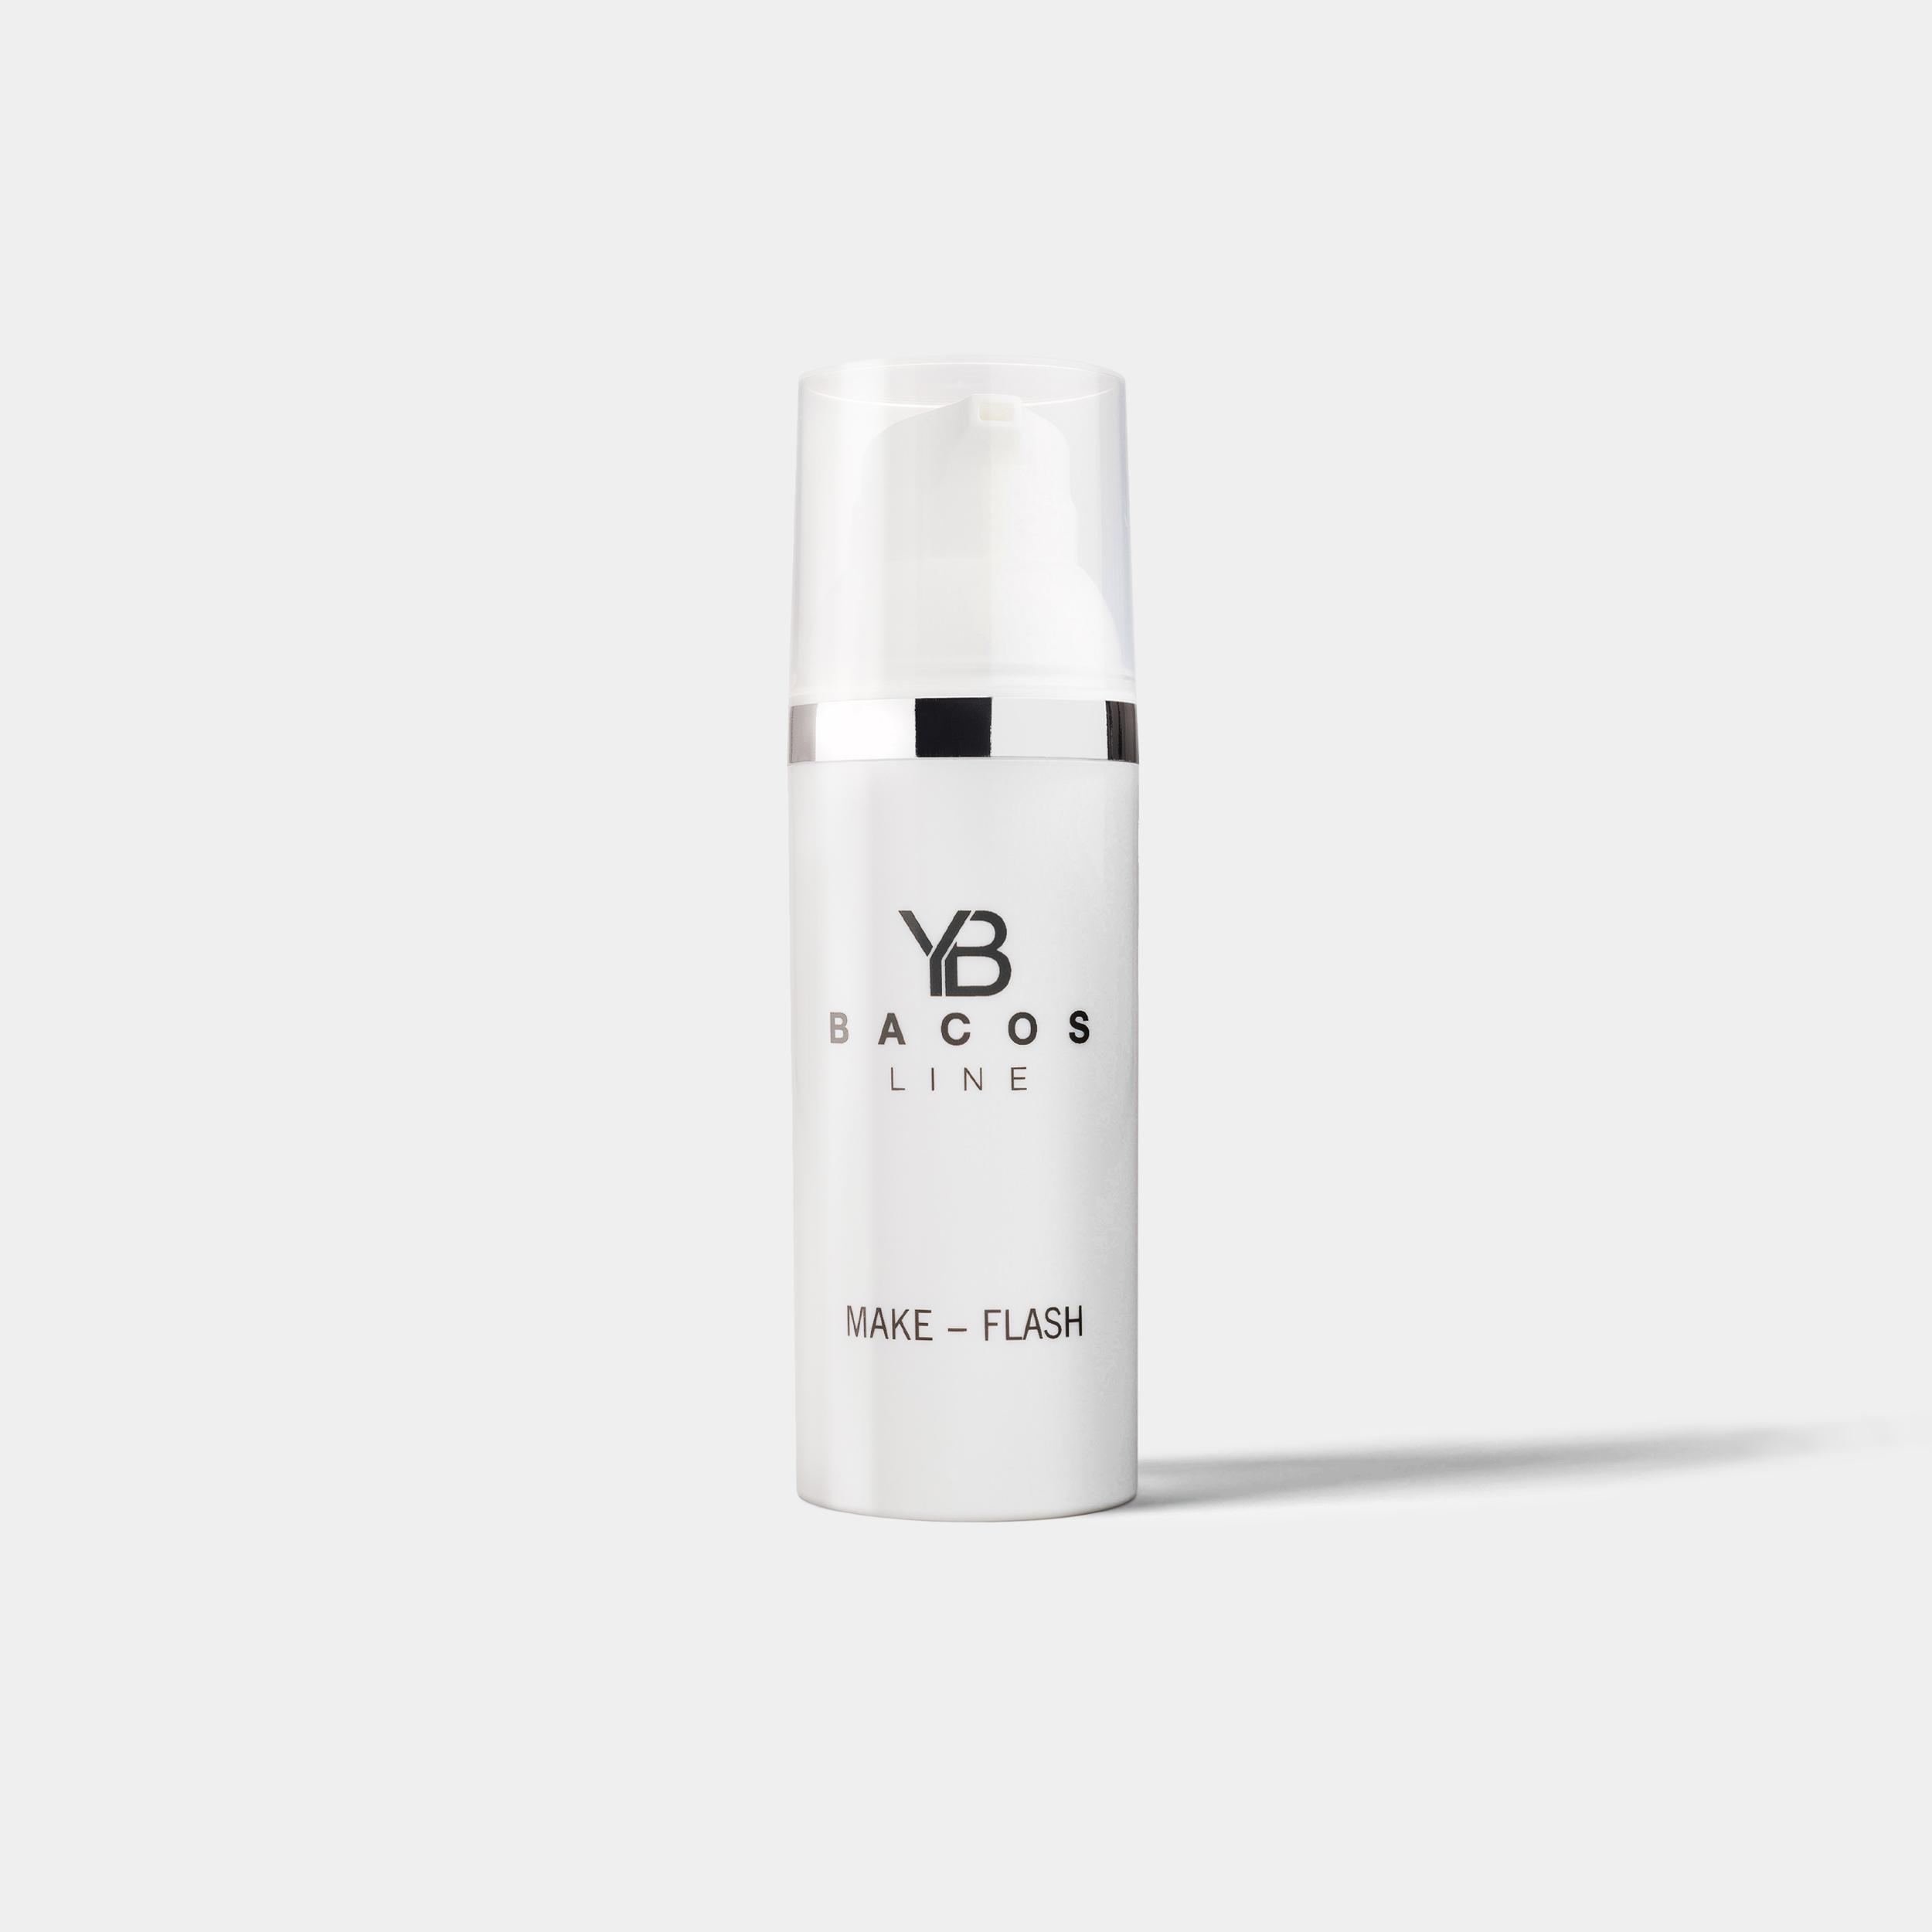 YB BACOS LINE MAKE FLASH - 50 ml